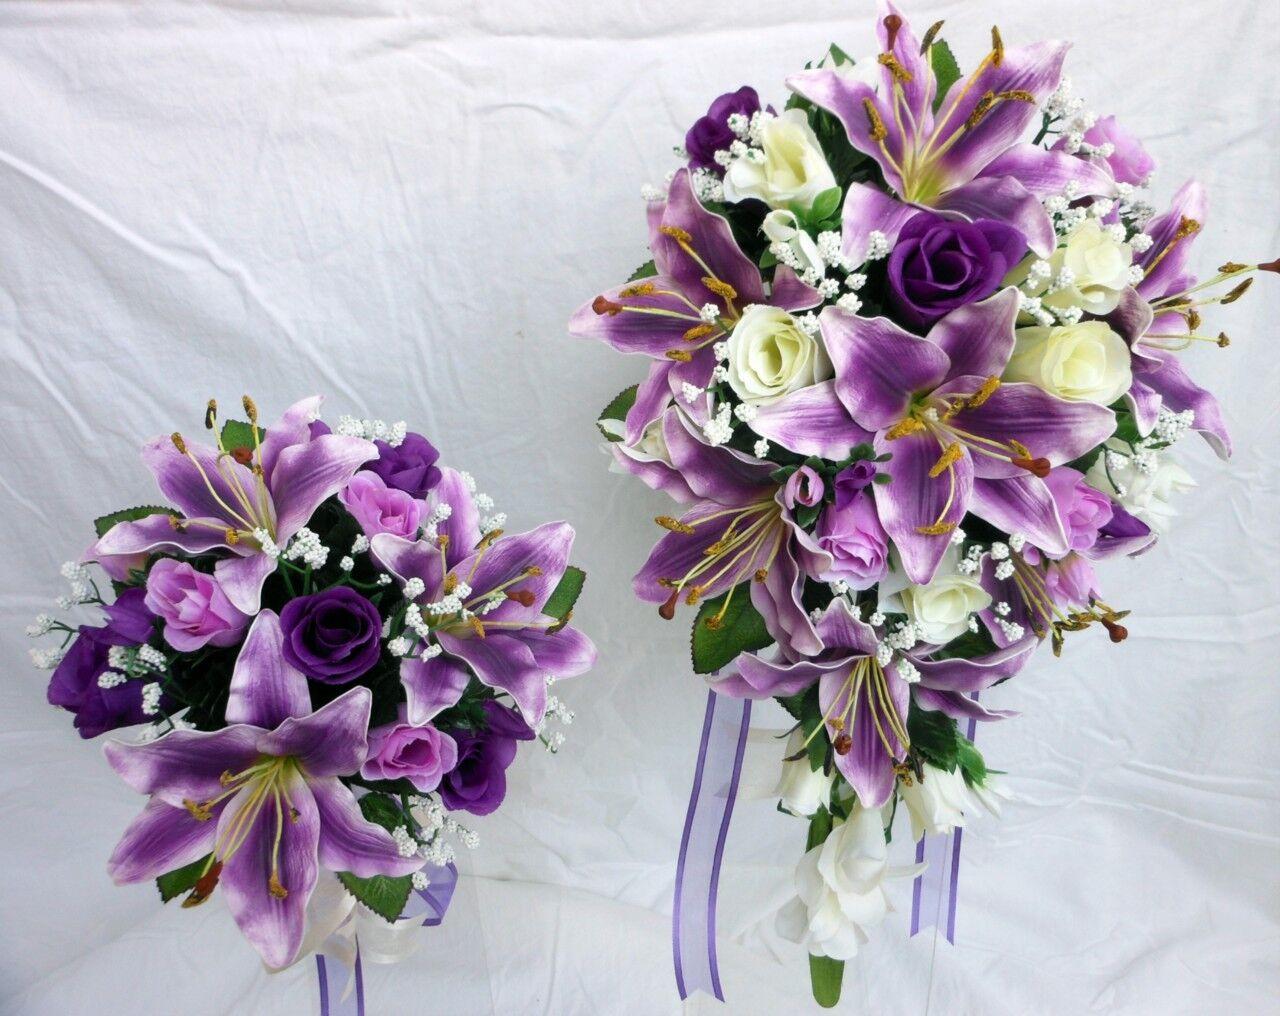 Bouquet De Mariage Paquet, violet lillies, Ivoire, Violet roses x 2 Bouquets